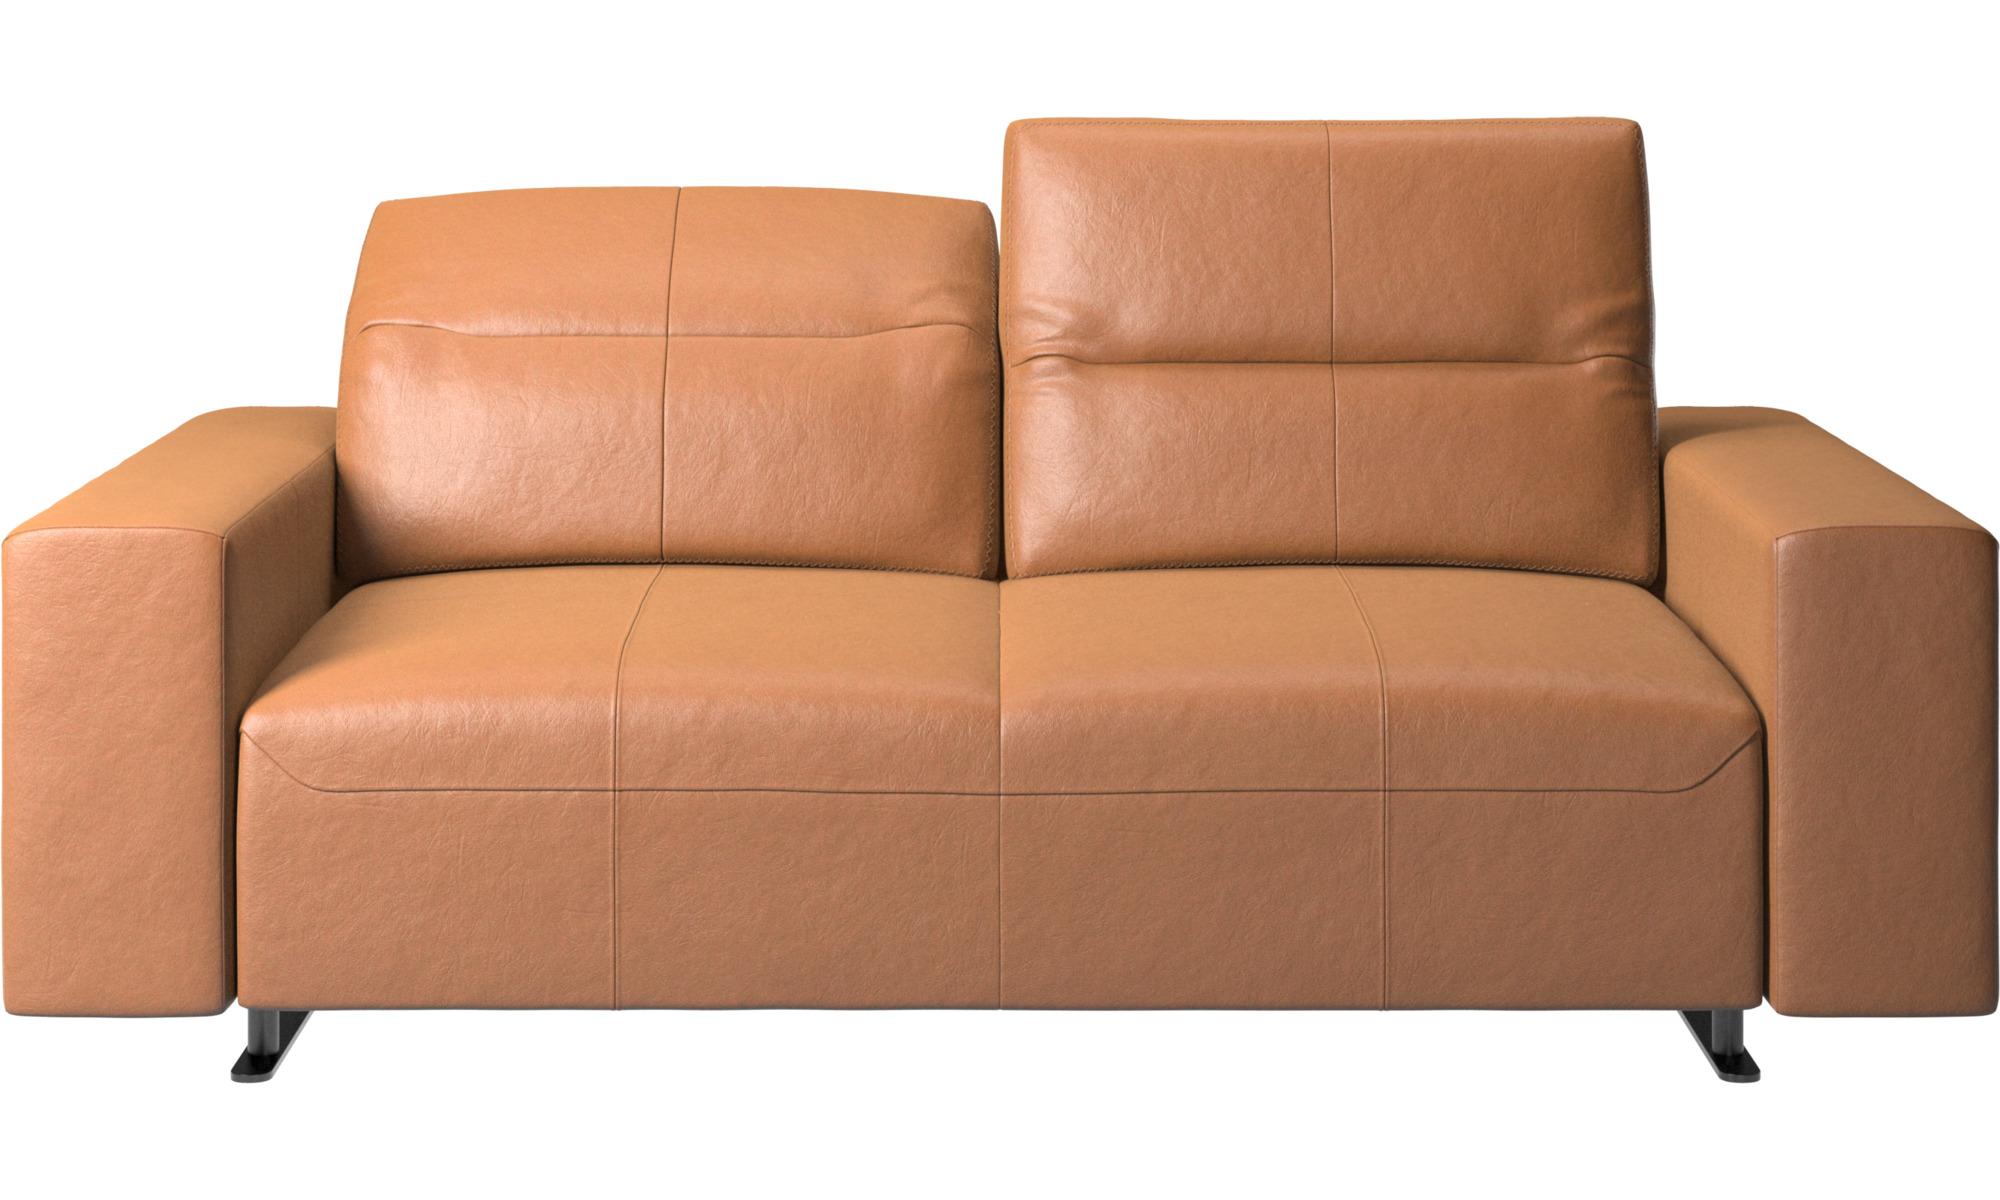 2 personers sofaer - Hampton sofa med justerbar ryg og opbevaring i venstre side - Brun - Læder